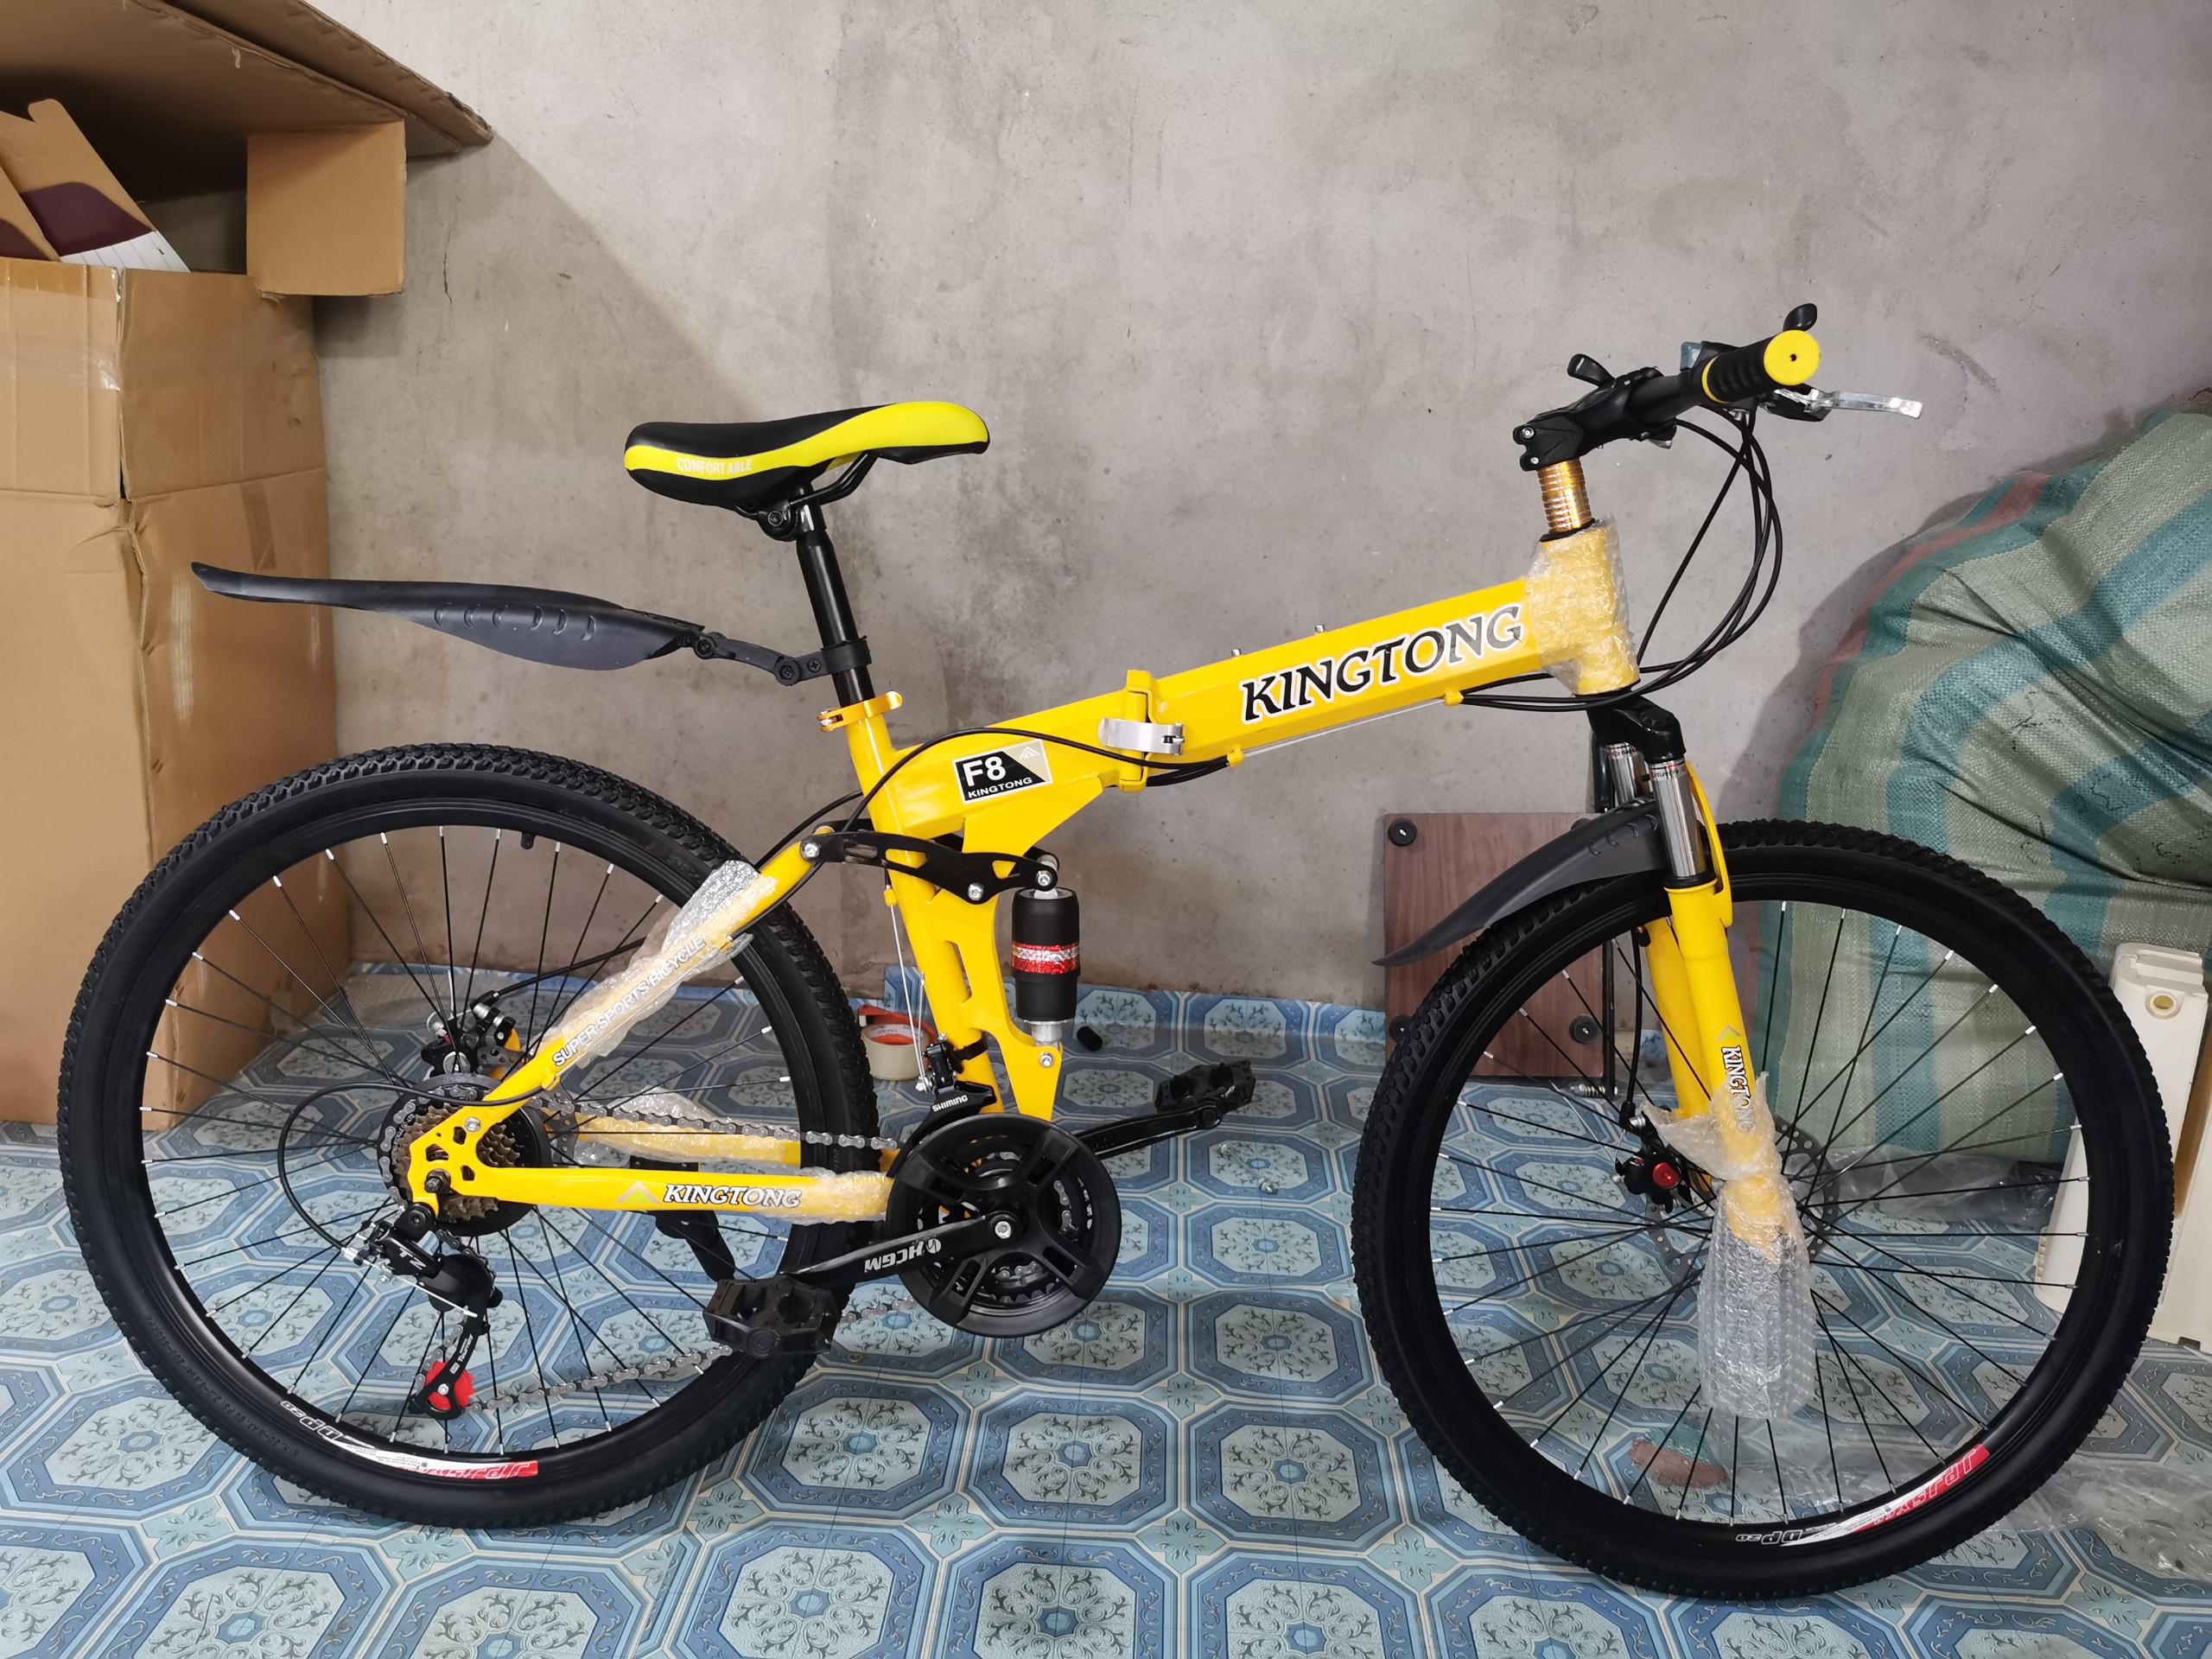 Xe đạp thể thao địa hình gấp gọn HaHoo [Bảo hành 12 tháng] (3 màu đen vàng  cam) | Lazada.vn